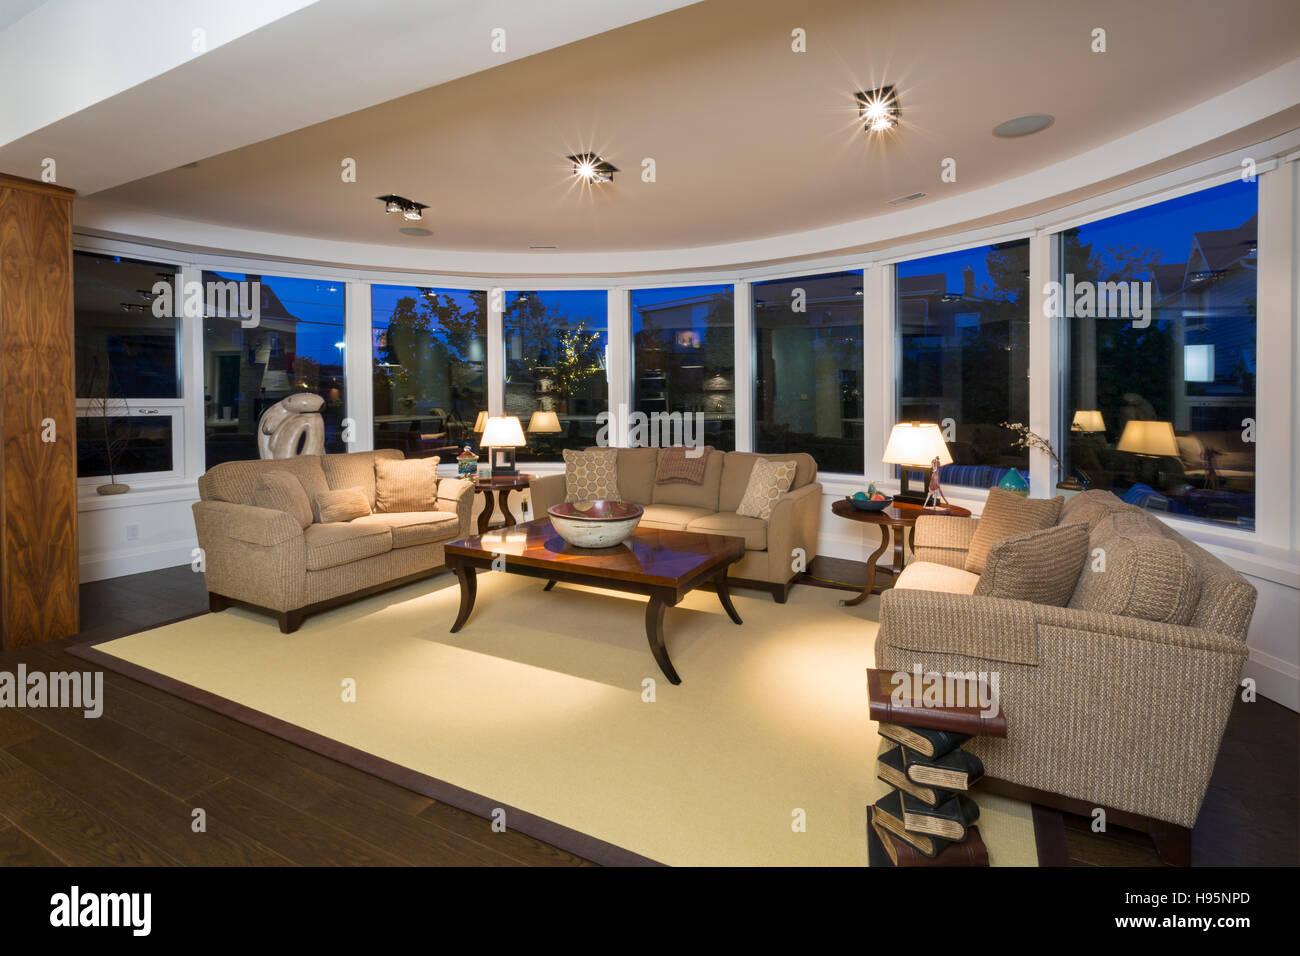 América del Norte, Canadá, Ontario, salón con pared redonda Imagen De Stock